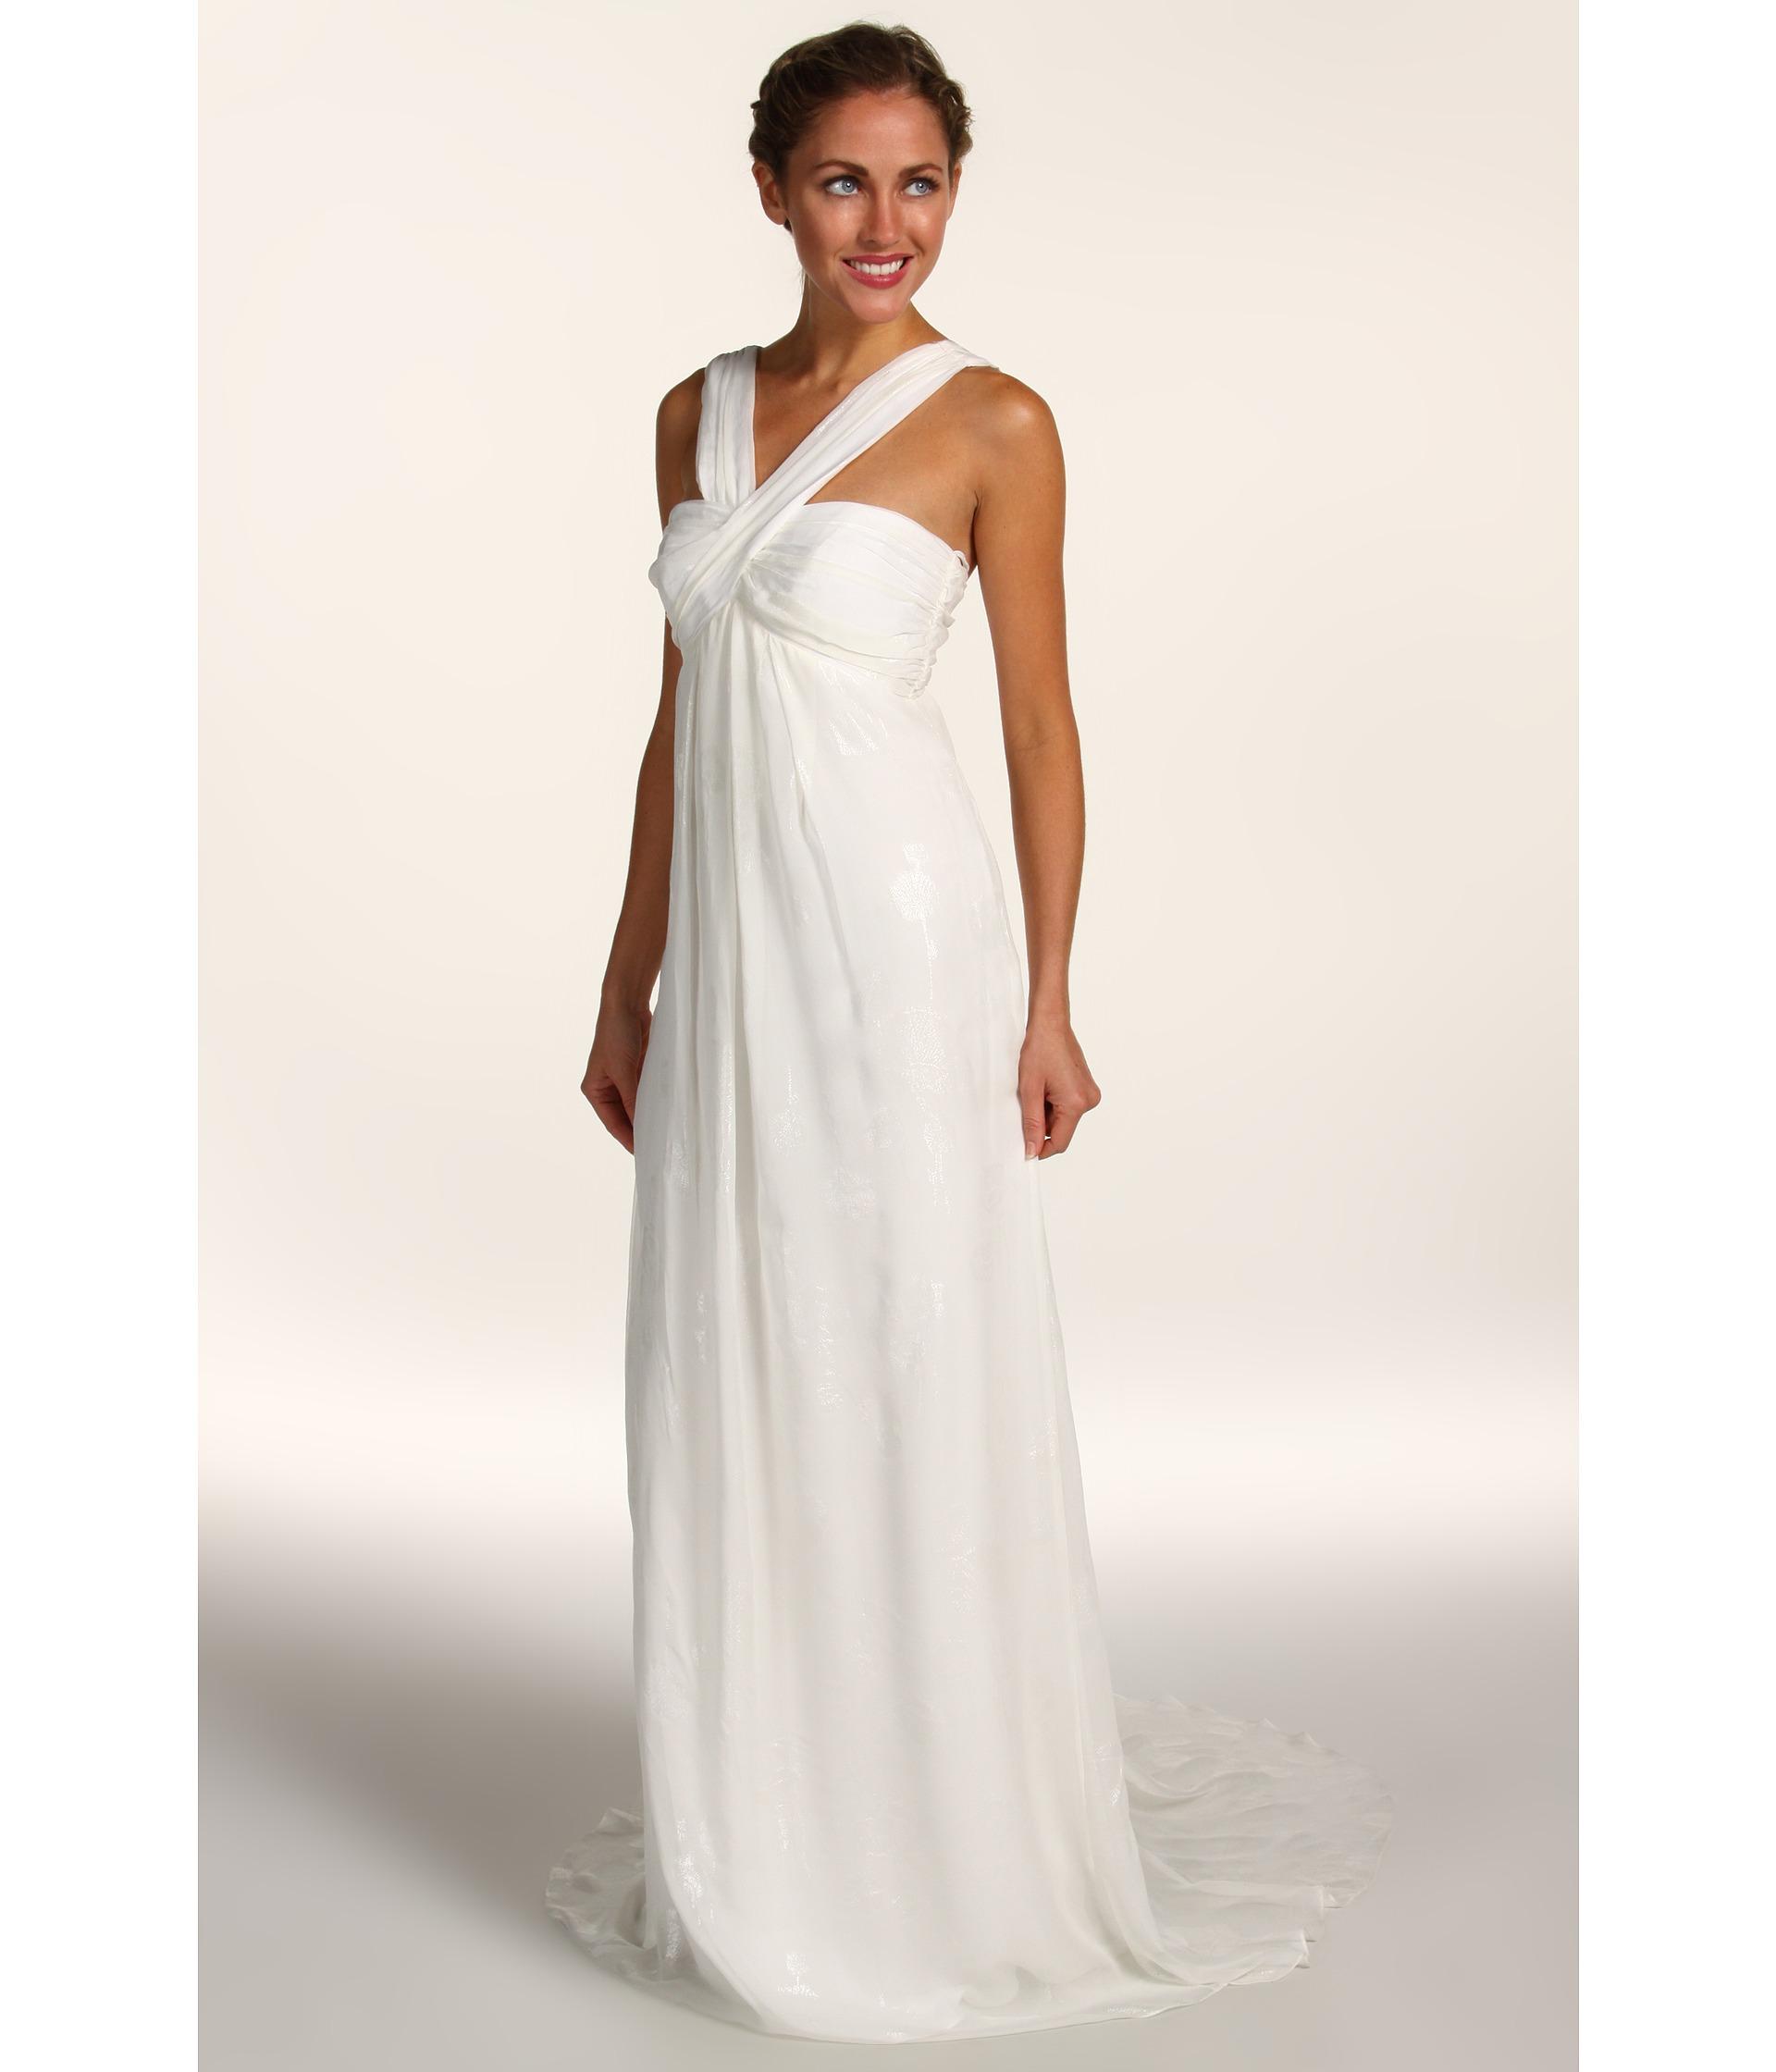 Nicole Miller Lurex Chiffon Gown $171.99 (  MSRP $575.00)